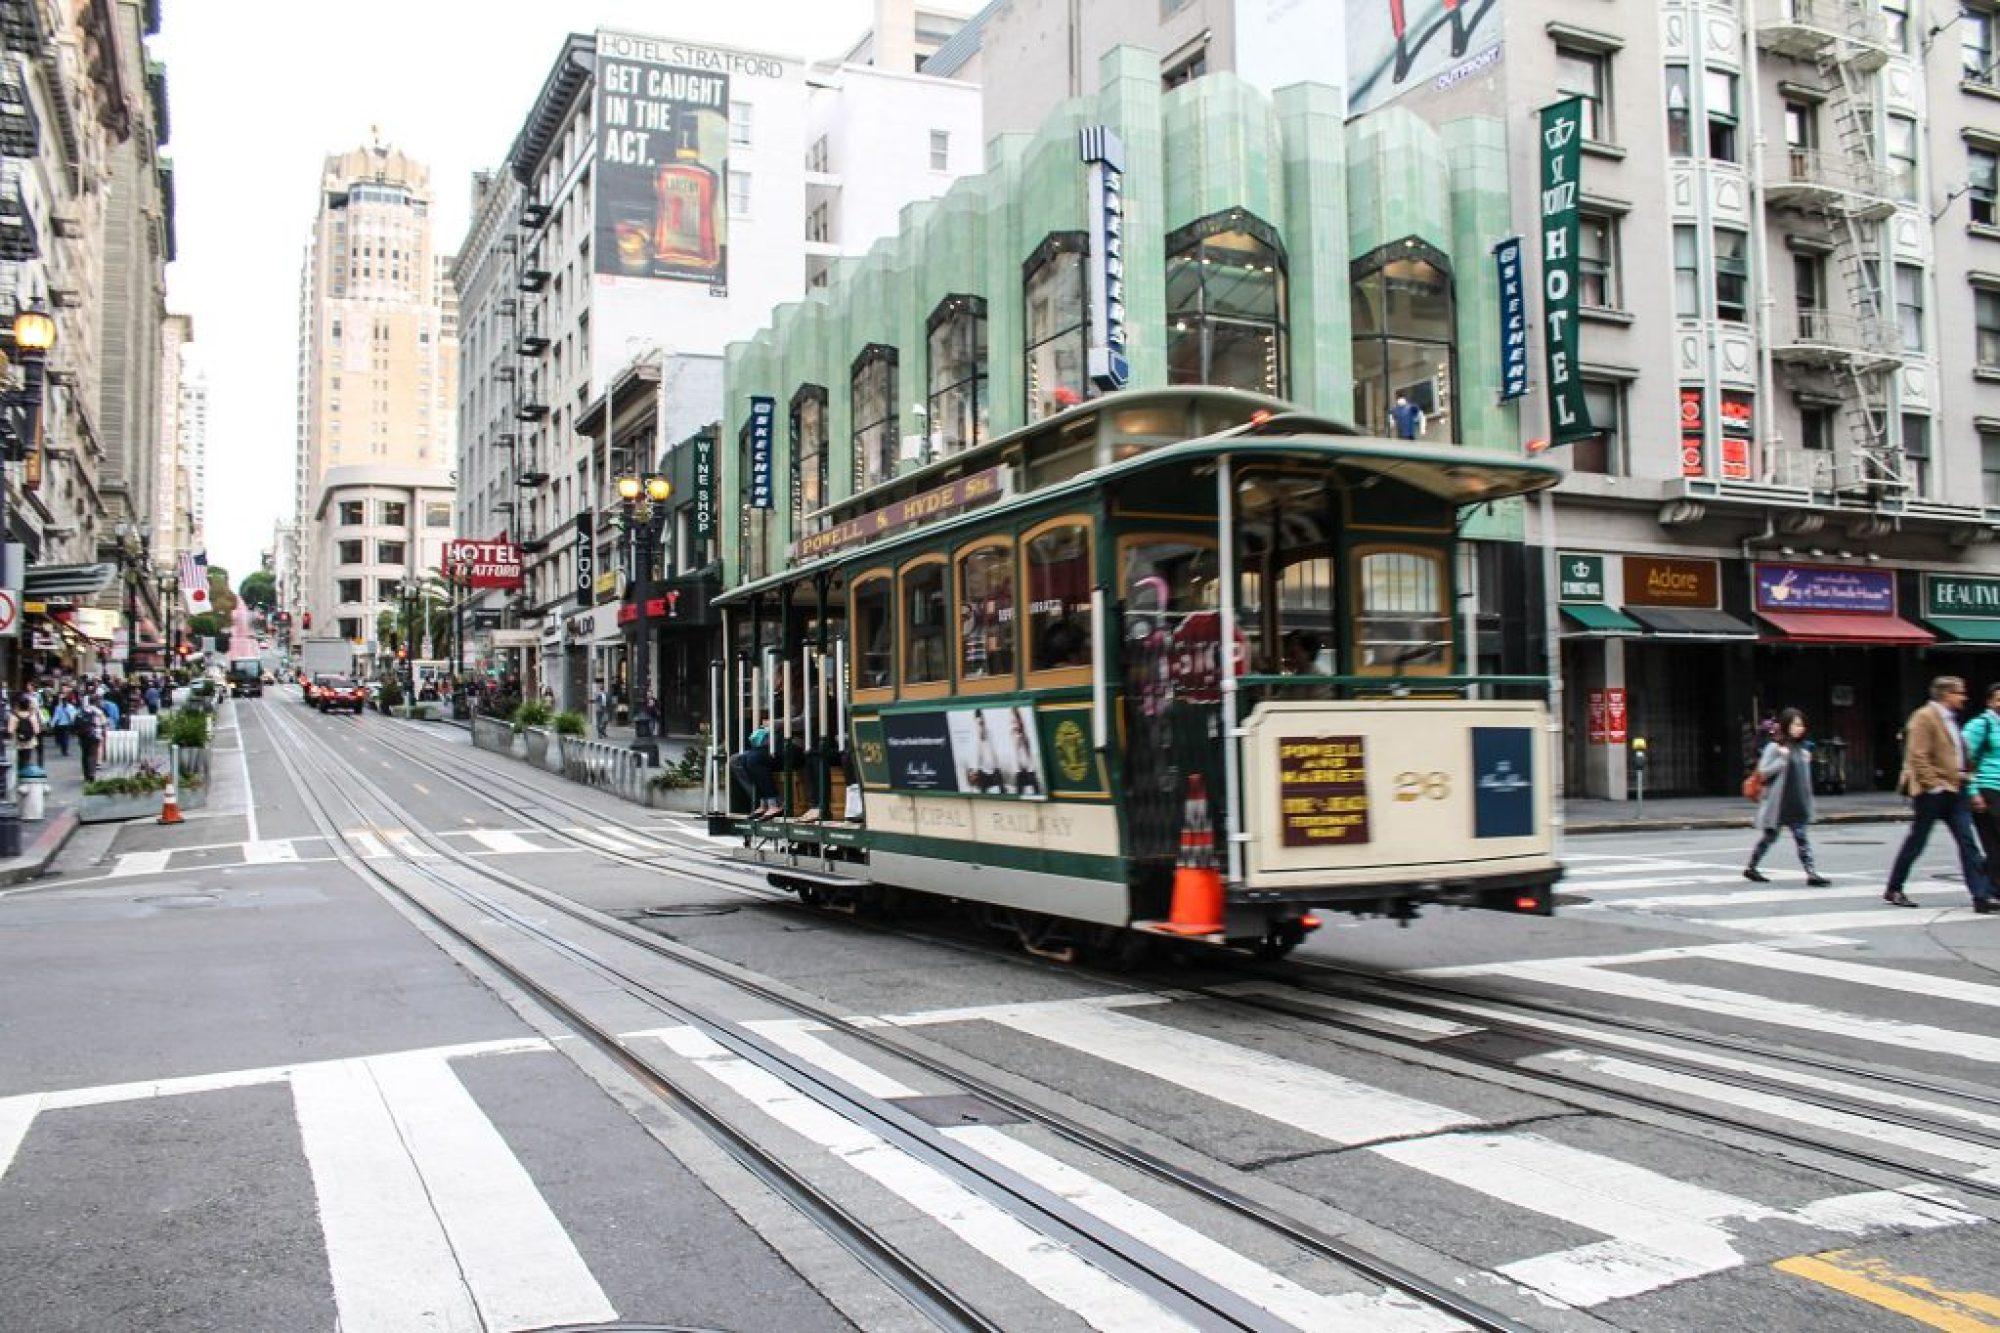 Tranvías de San Francisco-2